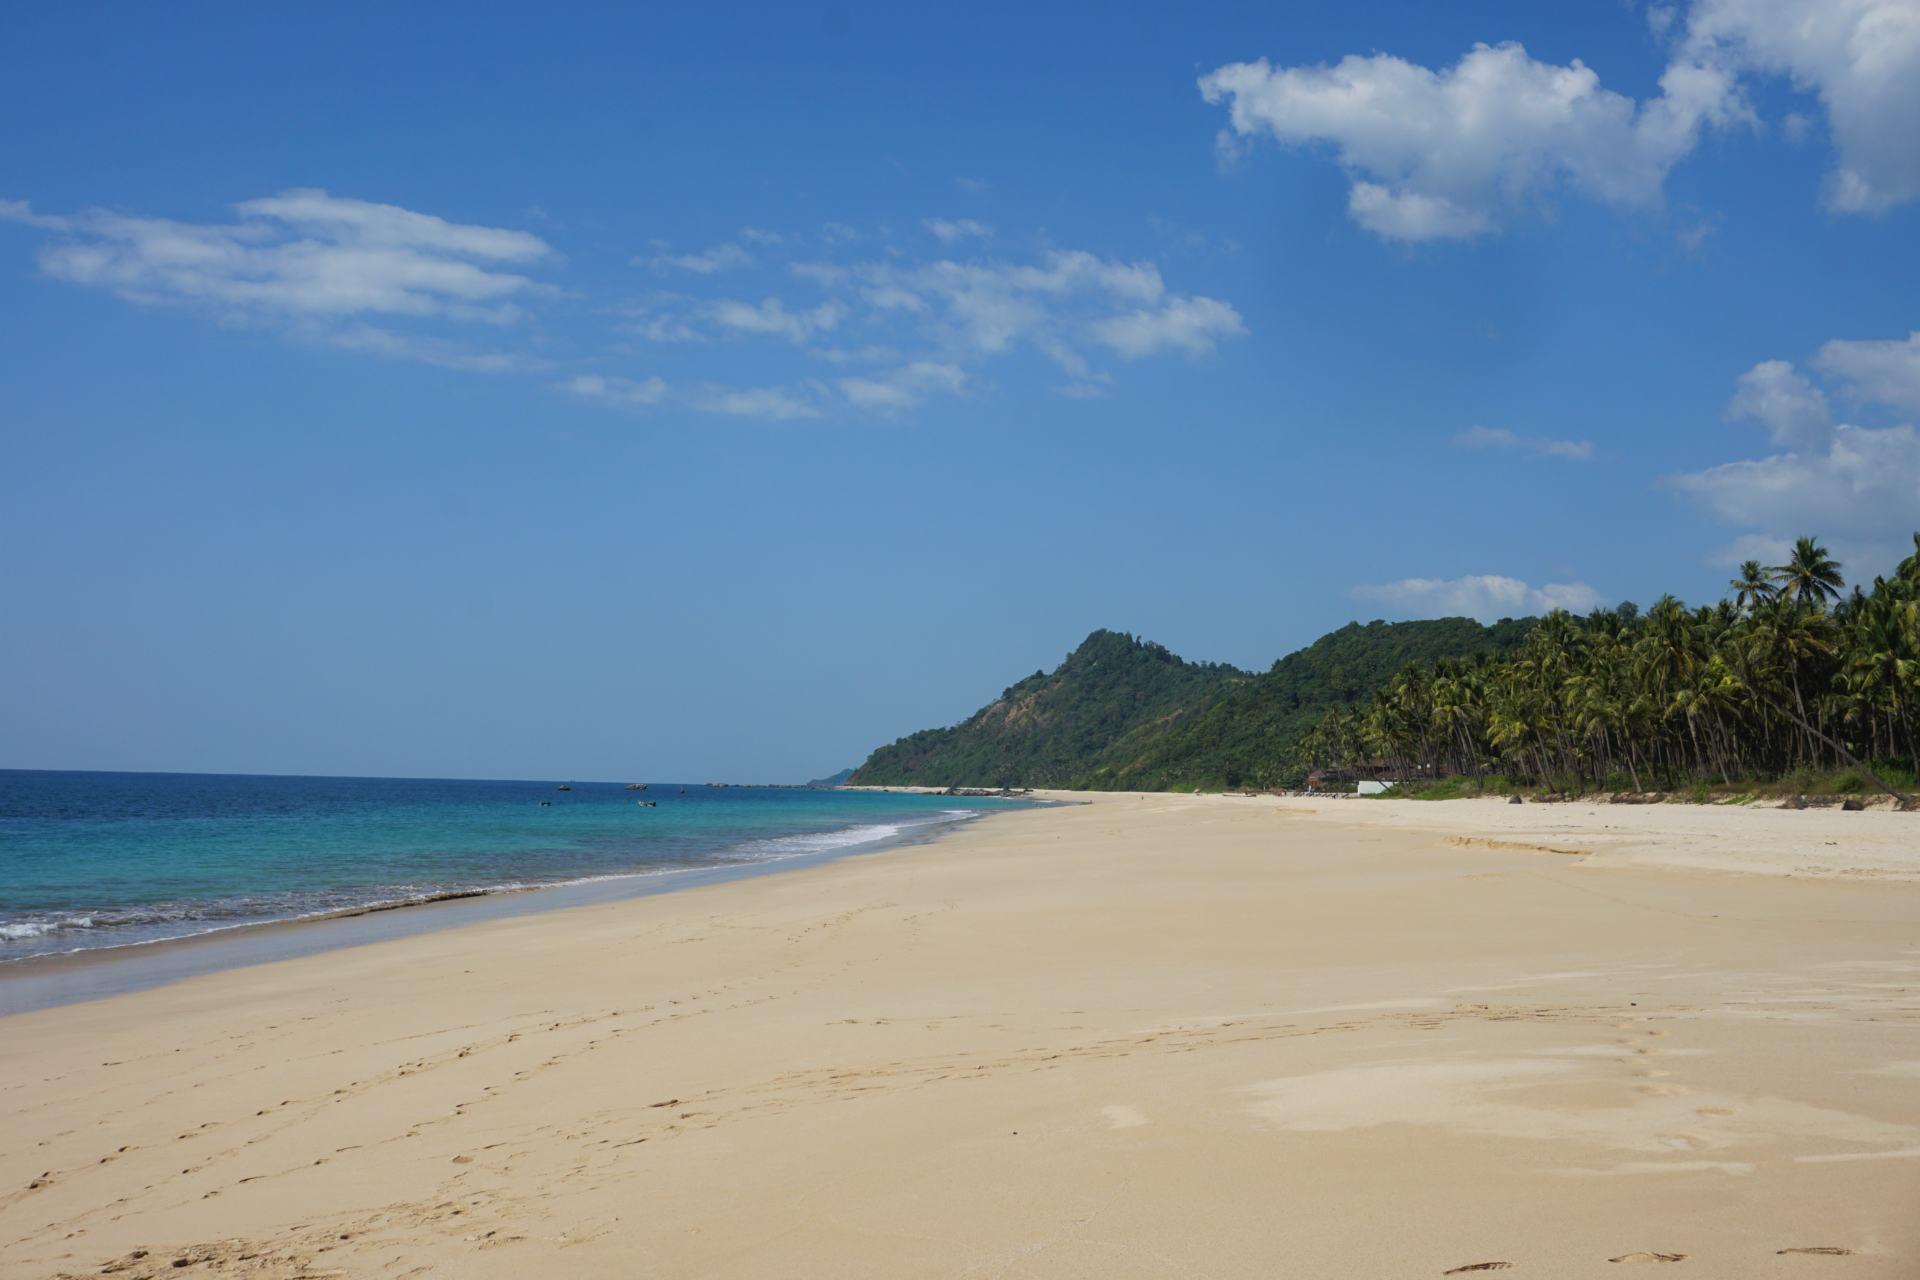 ngapali beach-strand-geheimtipp myanmar